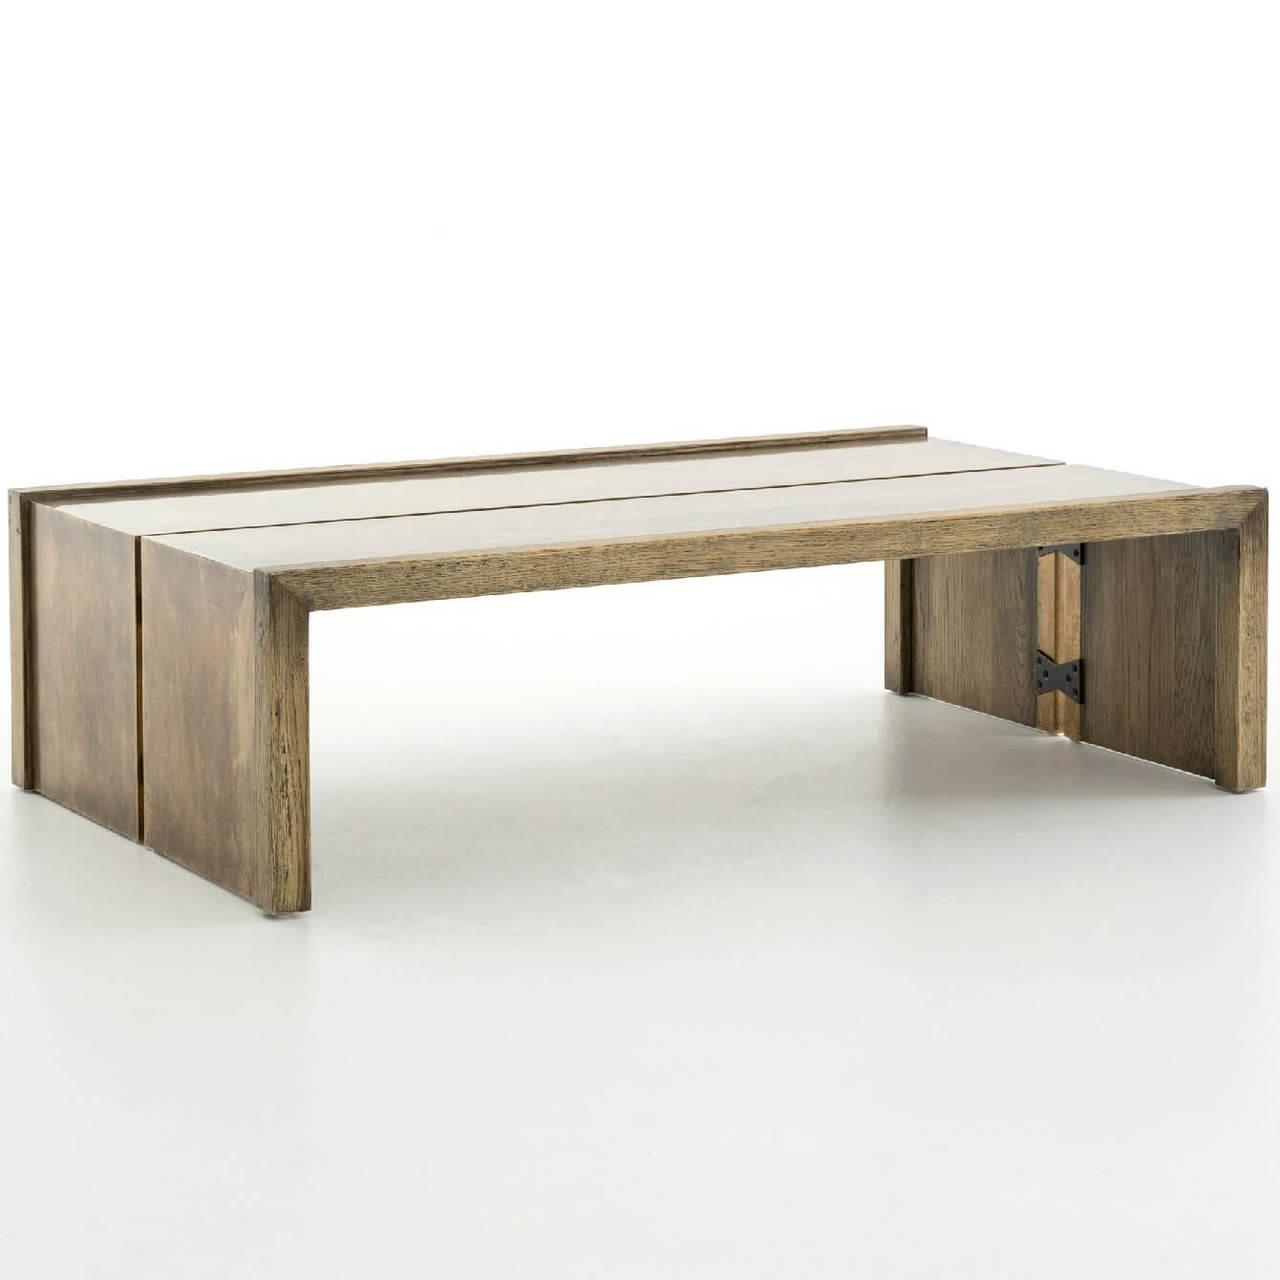 weaver antiqued brass clad oak wood coffee table 50